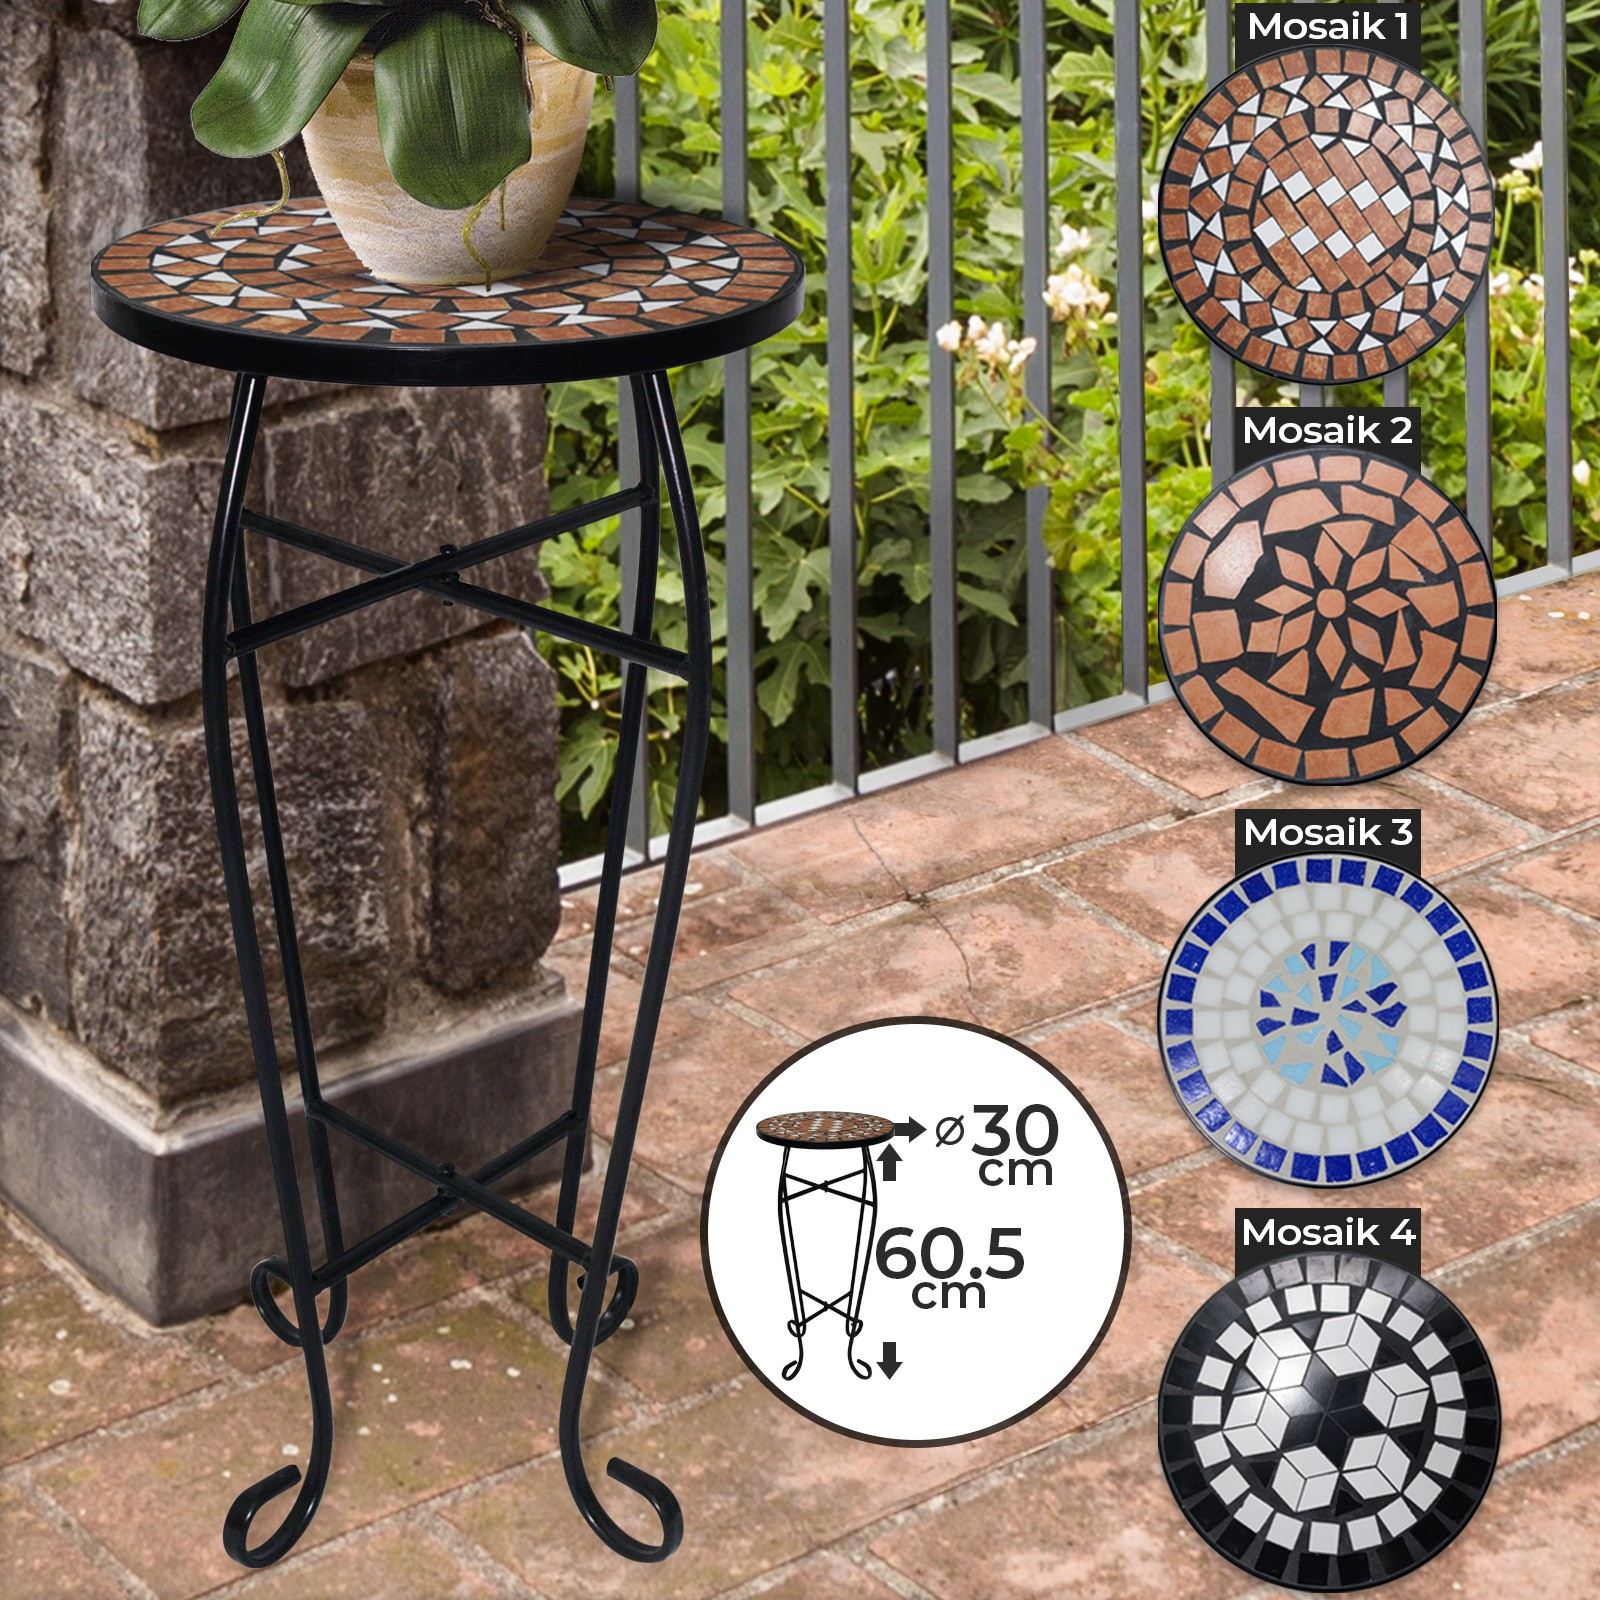 Détails Sur Table D'appoint En Mosaïque Tabouret Support Pour Plantes  Fleurs Jardin Balcon à Support Pour Mosaique